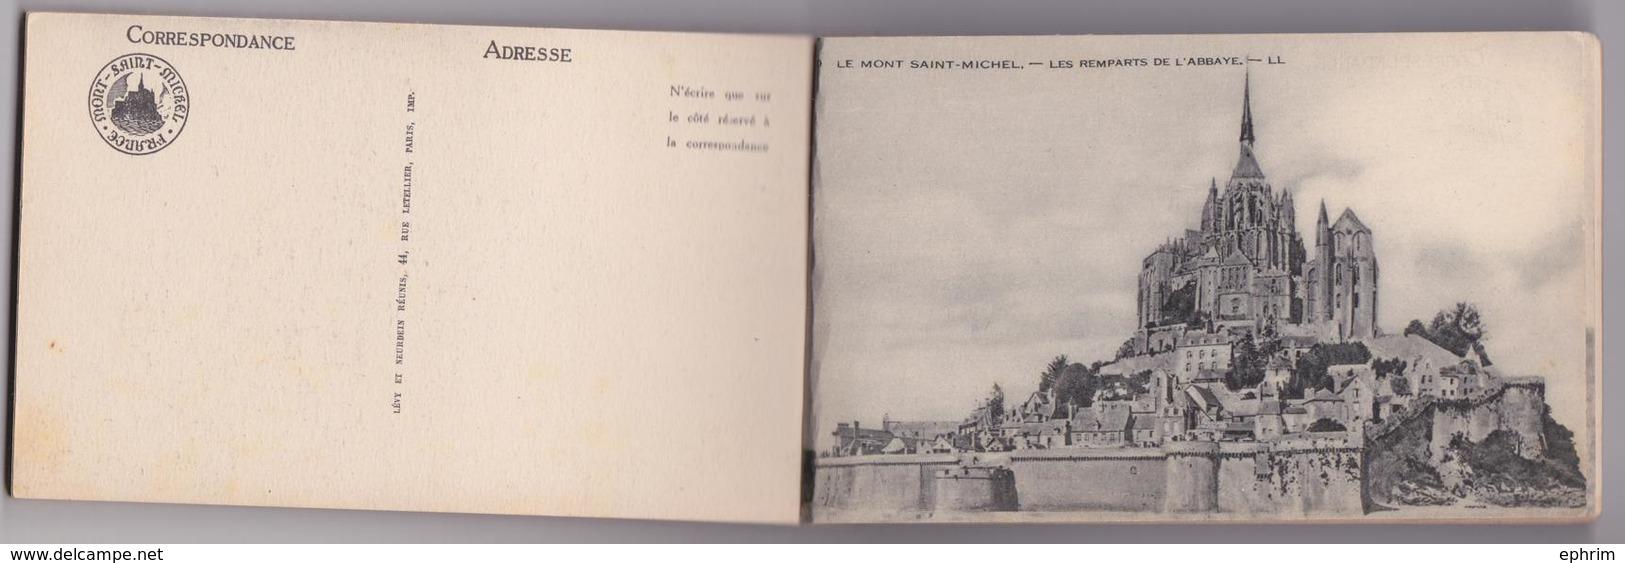 Carnet Complet Le Mont-Saint-Michel 21 Cartes Postales LL ND - Le Mont Saint Michel